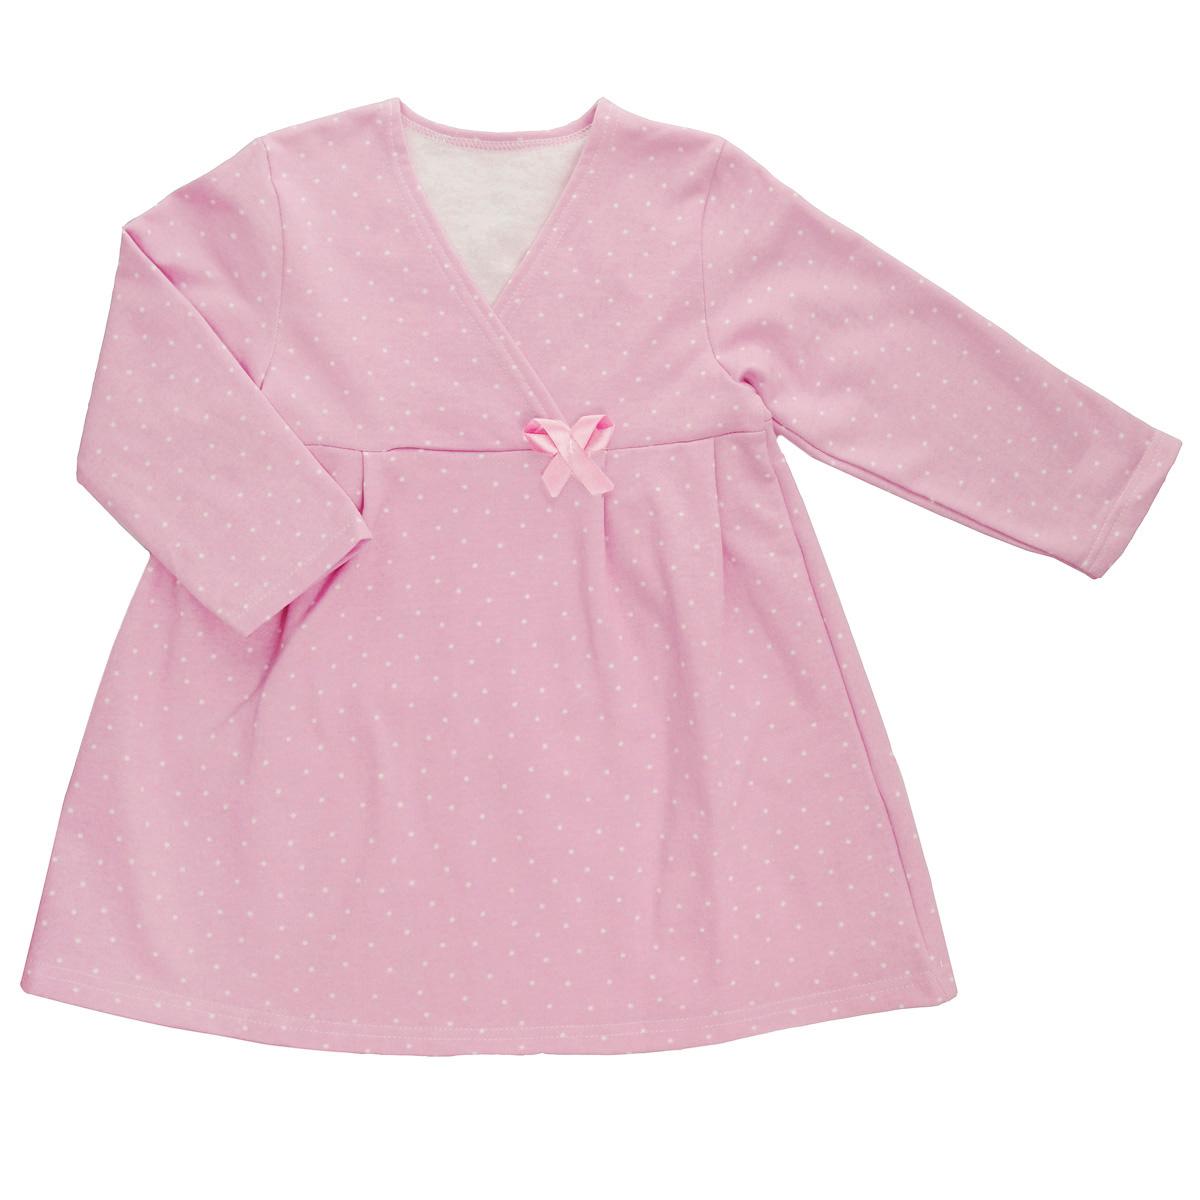 Сорочка ночная для девочки Трон-плюс, цвет: розовый, белый, рисунок горох. 5522. Размер 80/86, 1-2 года5522Яркая сорочка Трон-плюс идеально подойдет вашей малышке и станет отличным дополнением к детскому гардеробу. Теплая сорочка, изготовленная из футера - натурального хлопка, необычайно мягкая и легкая, не сковывает движения ребенка, позволяет коже дышать и не раздражает даже самую нежную и чувствительную кожу малыша. Сорочка трапециевидного кроя с длинными рукавами, V-образным вырезом горловины. Полочка состоит из двух частей, заходящих друг на друга. По переднему и заднему полотнищам юбки заложены небольшие складки. Сорочка оформлена атласным бантиком.В такой сорочке ваш ребенок будет чувствовать себя комфортно и уютно во время сна.